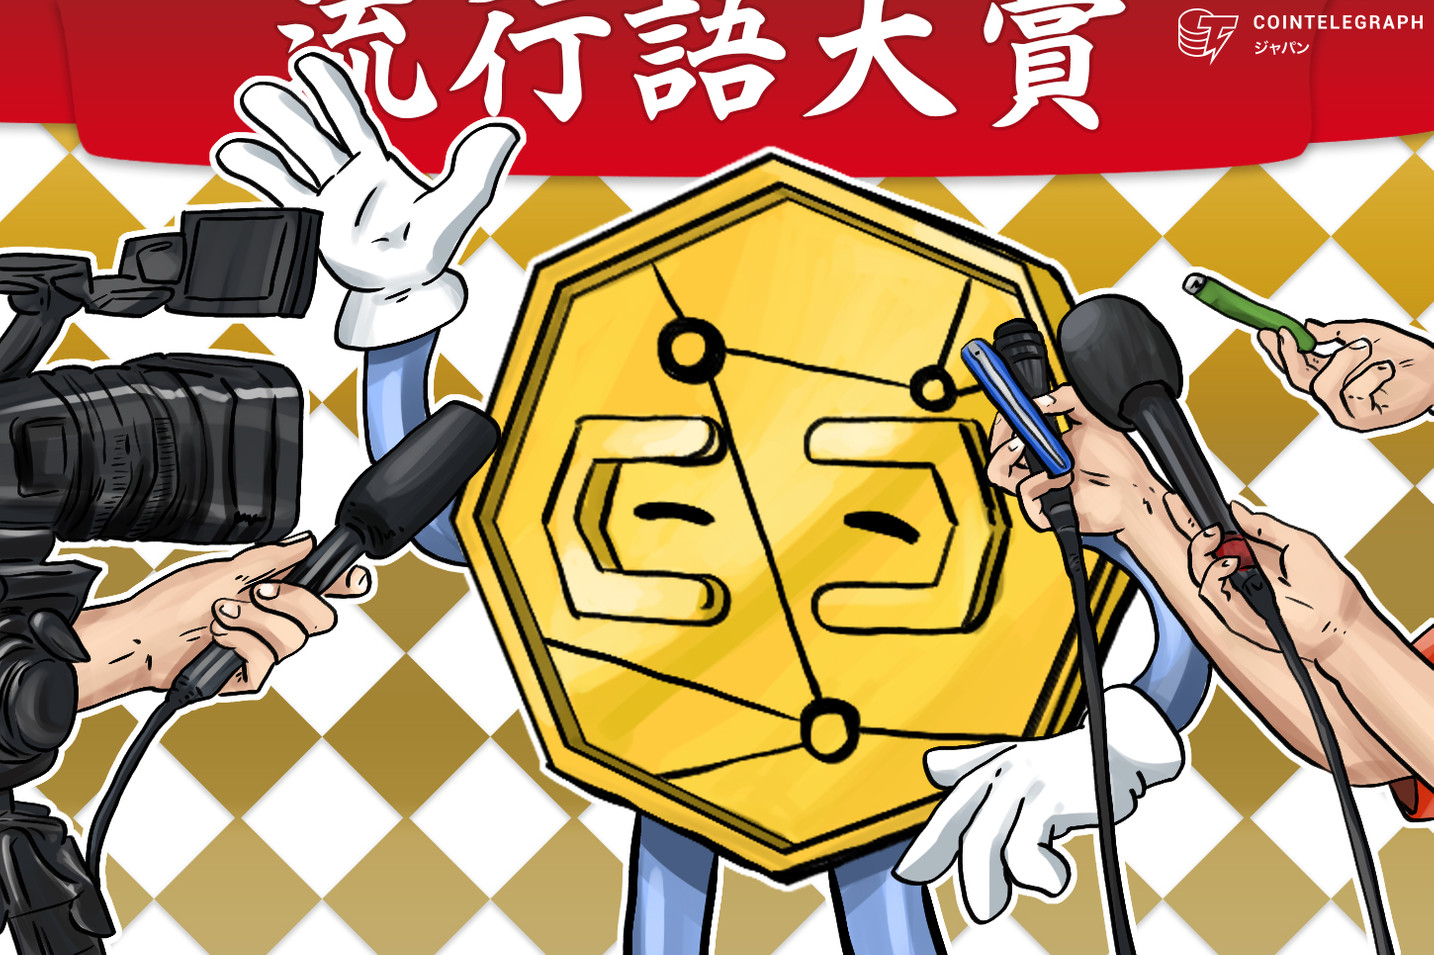 流行語大賞に仮想通貨がノミネート、なぜダークウェブとセットに?